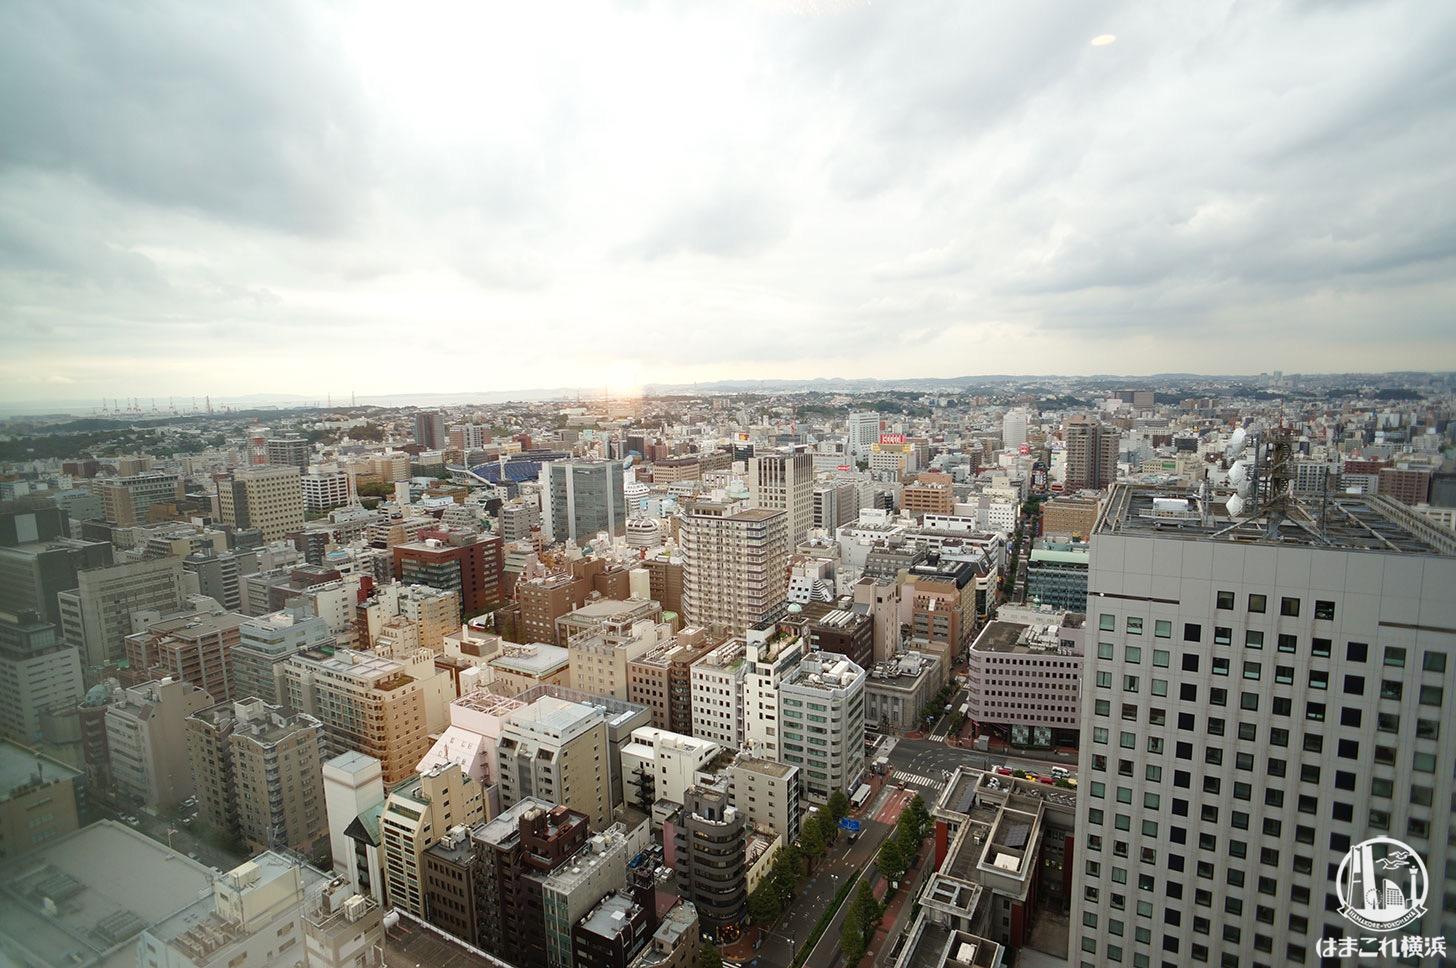 アパホテル&リゾート 横浜ベイタワー「カジュアルツインルーム」